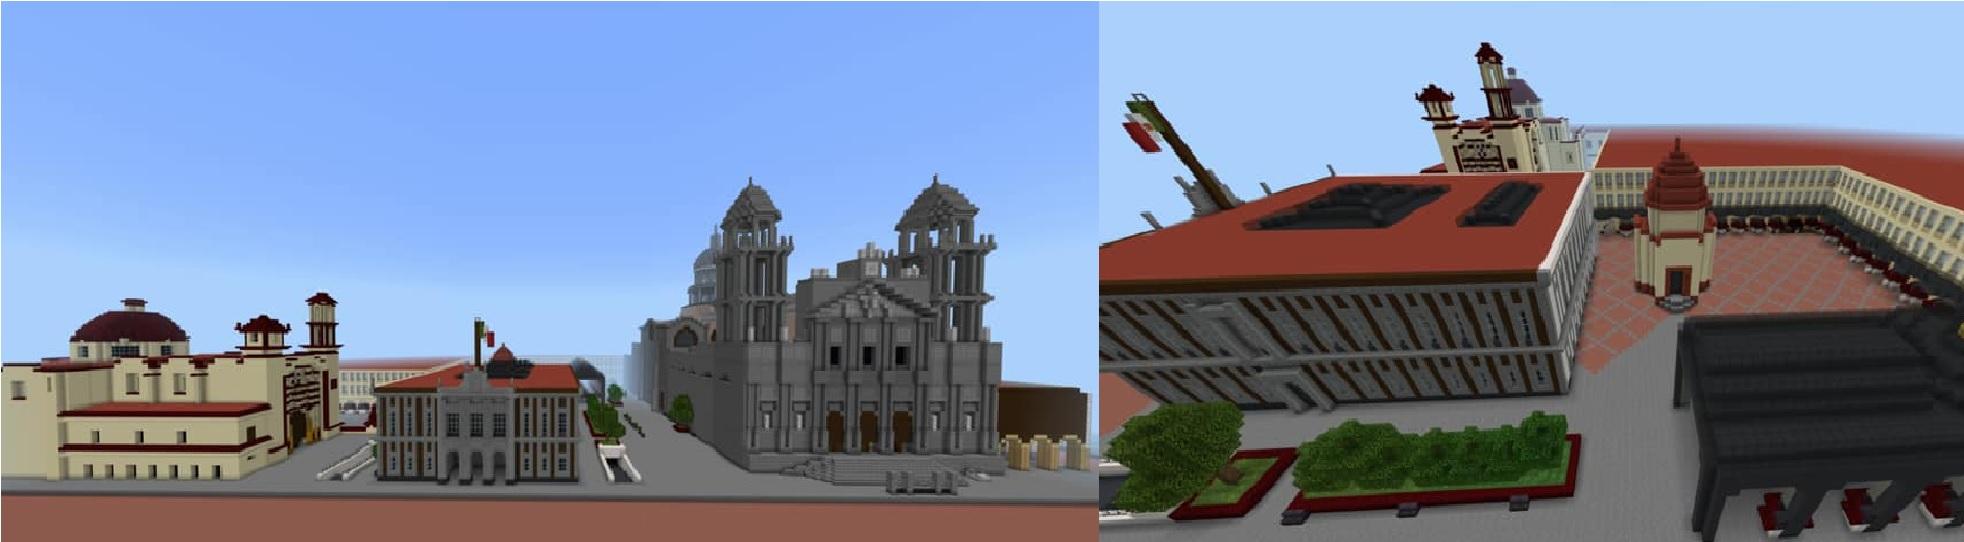 El Centro Histórico de Toluca ya existe en Minecraft gracias a un toluqueño || FOTOS